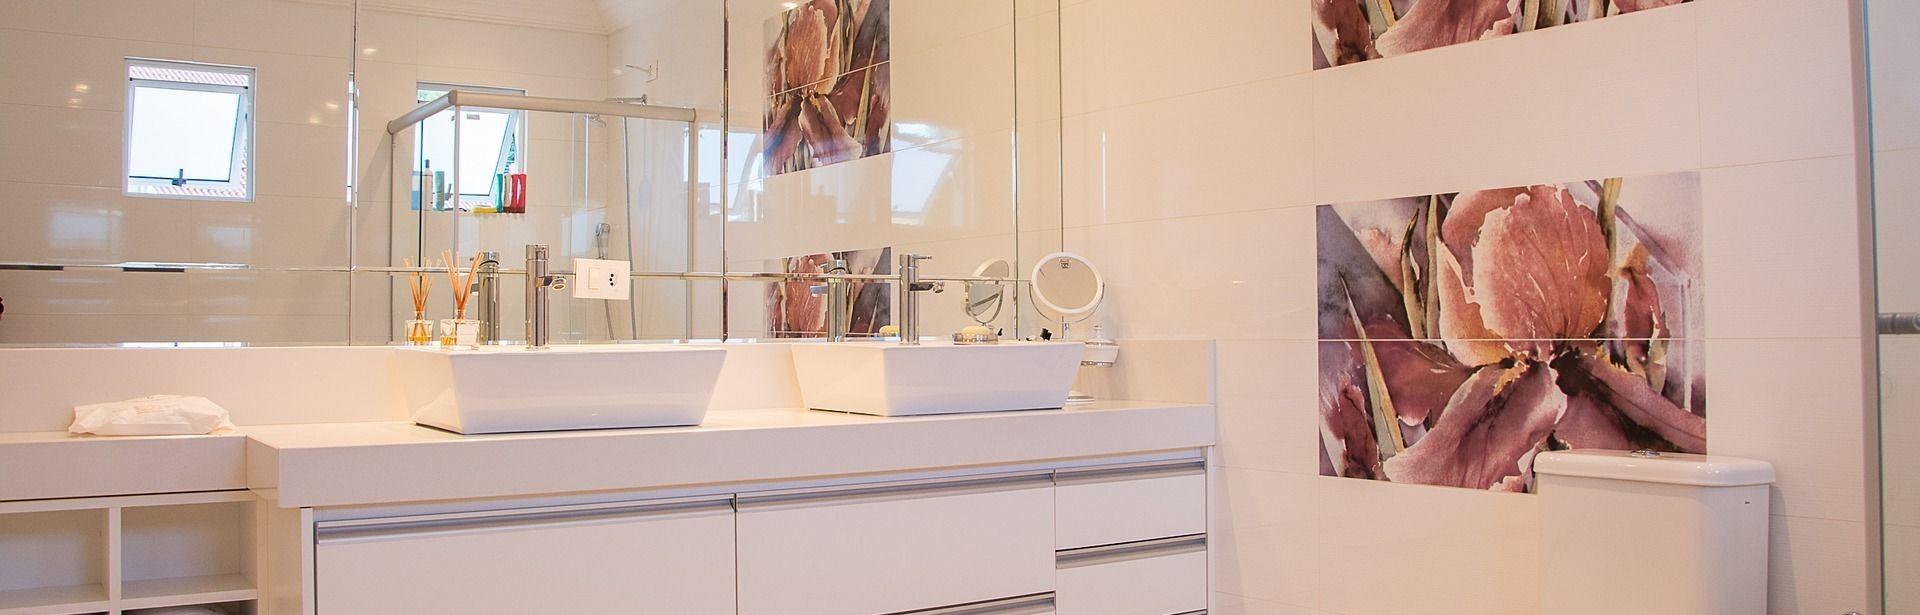 Umbaukosten für privates Badezimmer nicht absetzbar